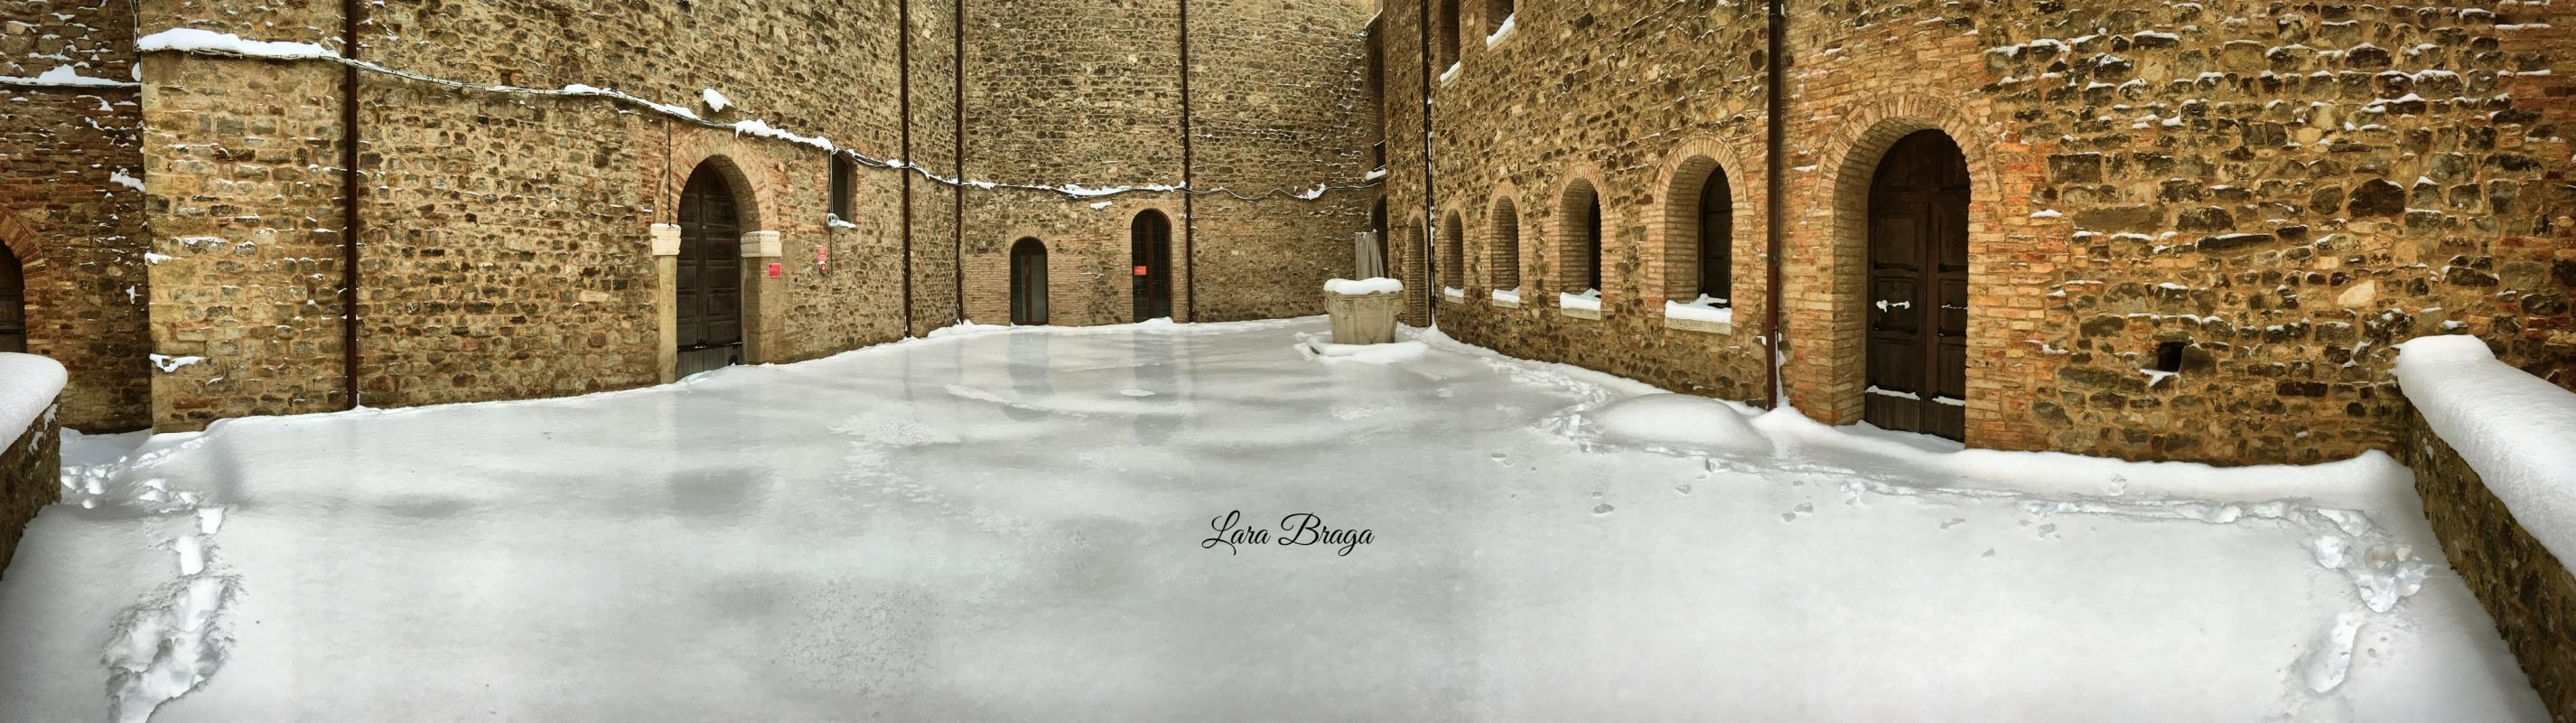 La Rocca e la Galaverna....ghiaccio sulla neve116 - Larabraga19 - Montefiore Conca (RN)